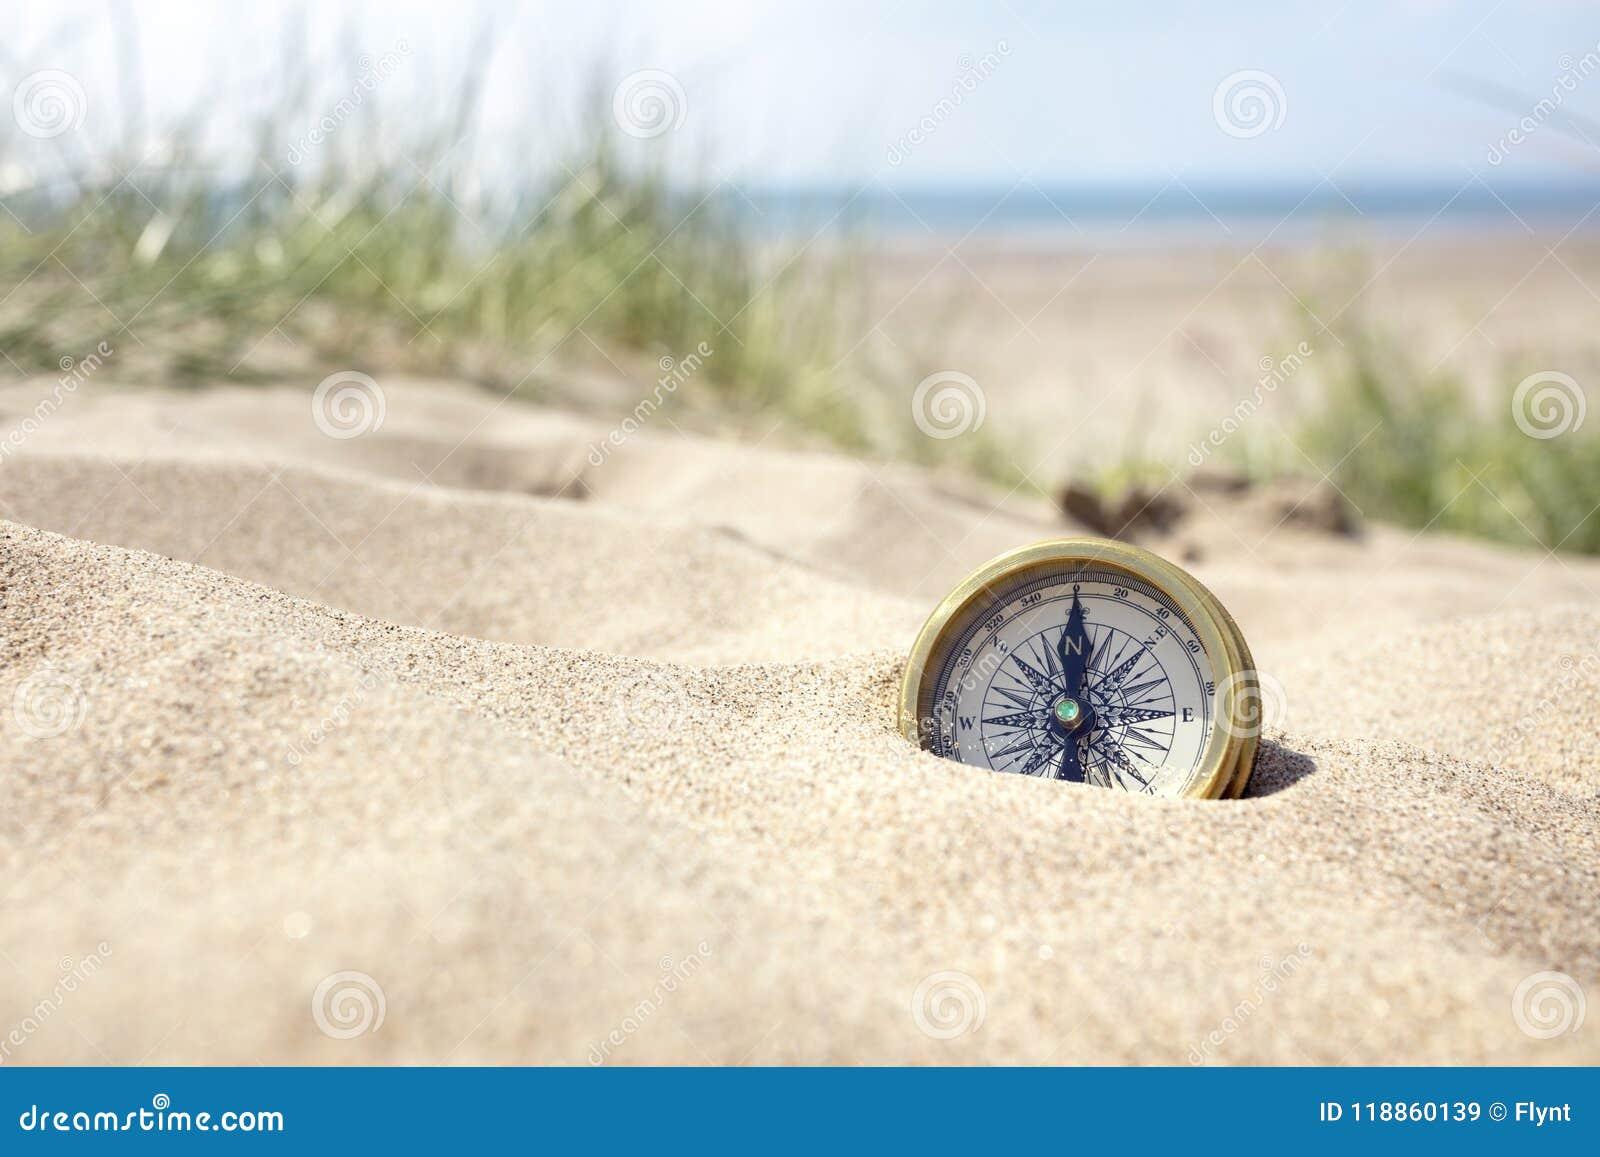 Compás en la playa con la arena y el mar